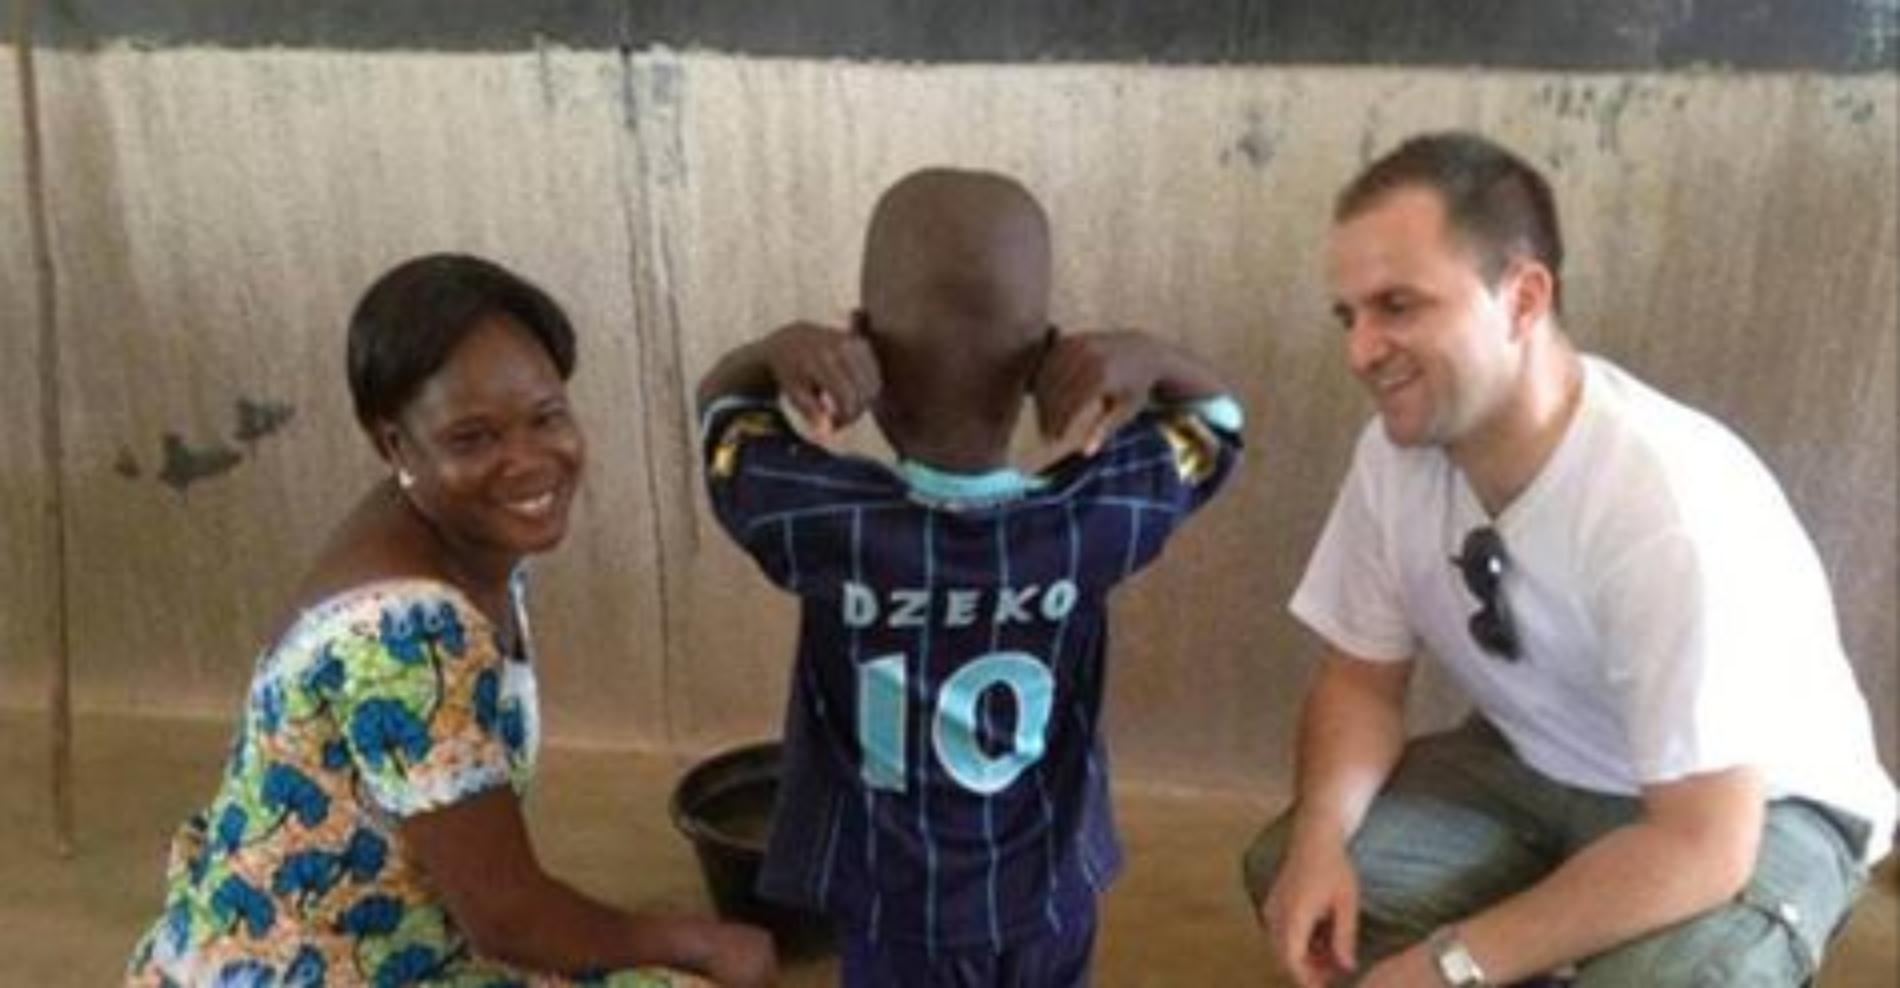 Bosanske porodice stipendiraju učenike u afričkoj zemlji Burkina Faso